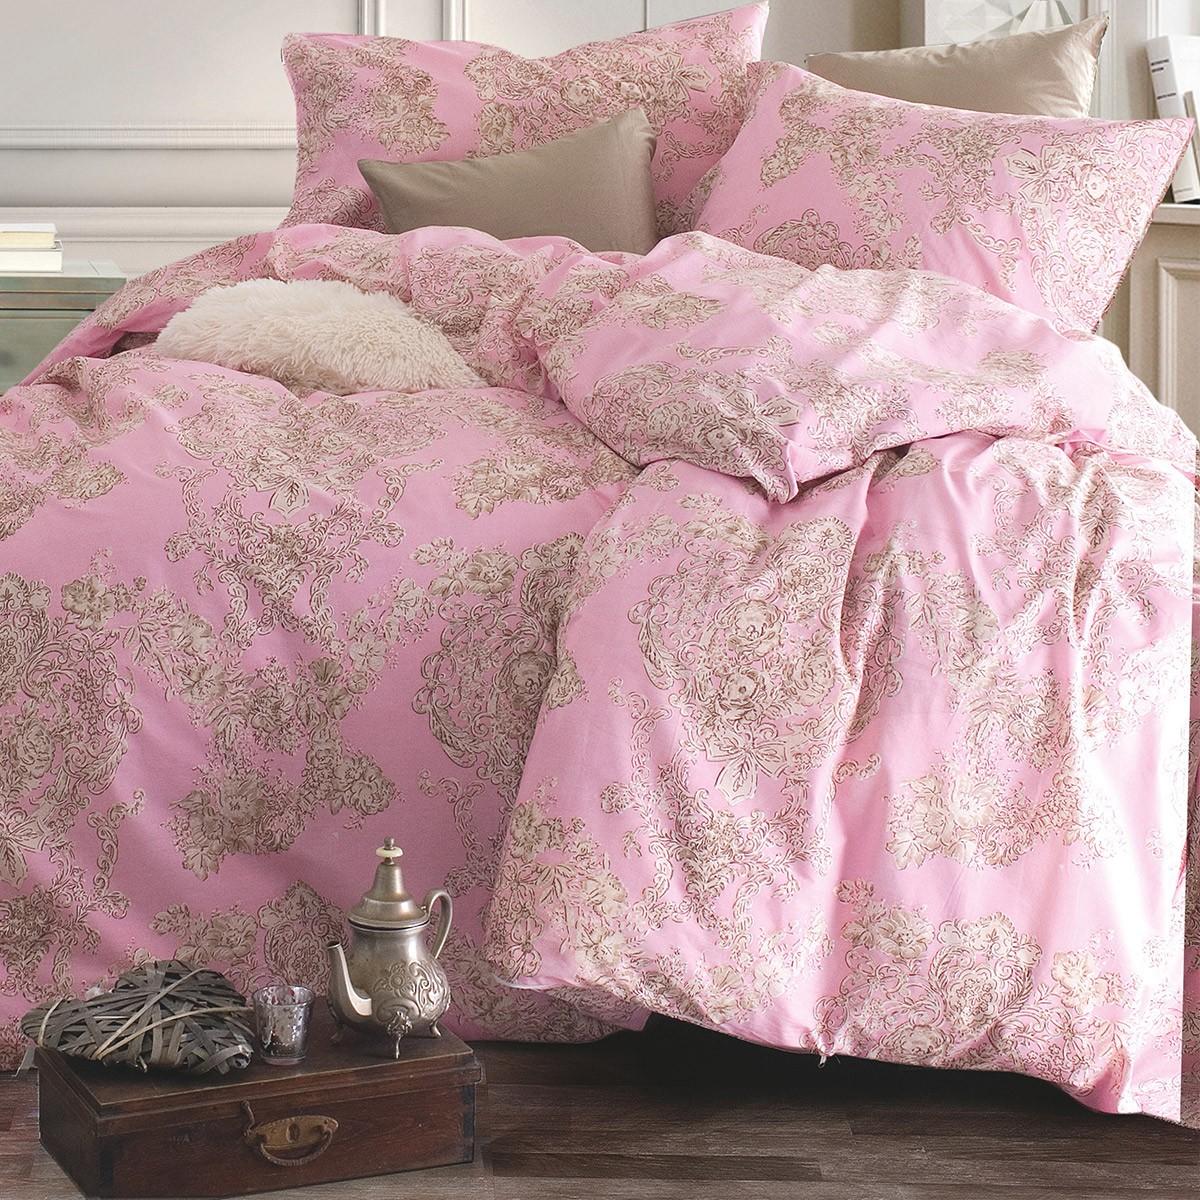 Σεντόνια Υπέρδιπλα (Σετ) Rythmos Nova Elodie Pink ΧΩΡΙΣ ΛΑΣΤΙΧΟ 220×260 ΧΩΡΙΣ ΛΑΣΤΙΧΟ 220×260